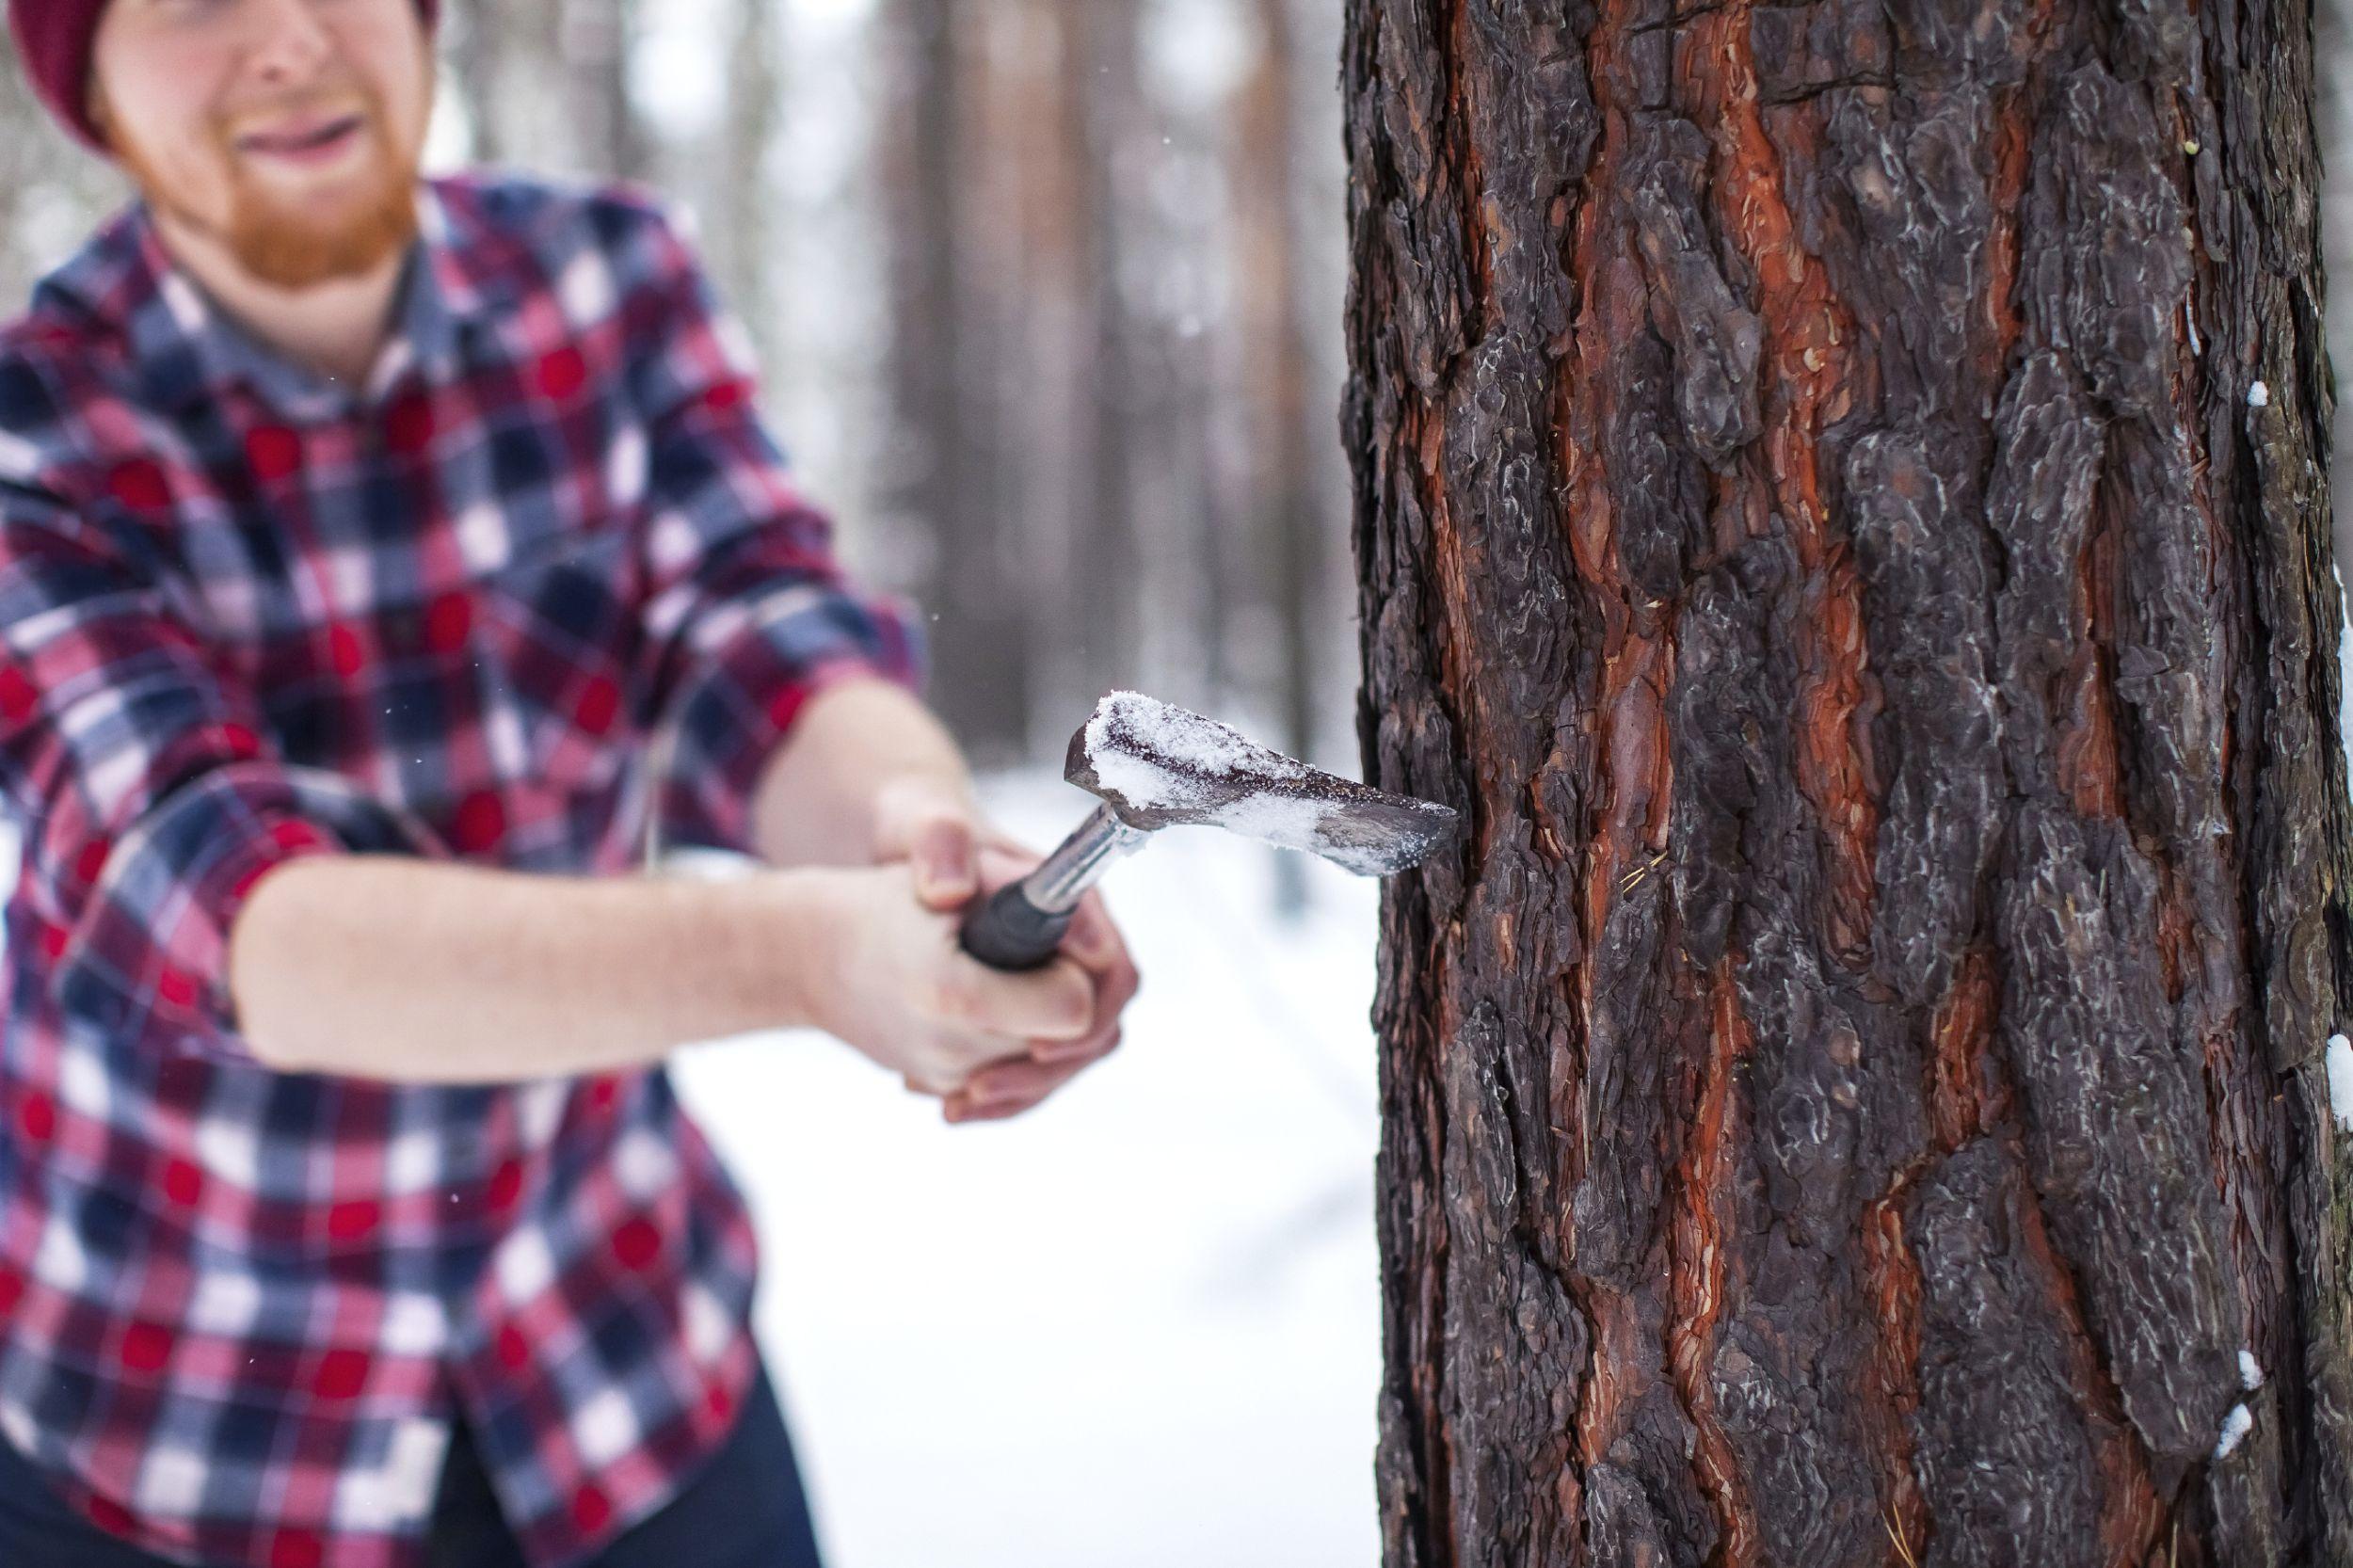 Dobry drwal zaczyna rąbać drewno, kiedy jest jeszcze zimno (fot. iStockphoto.com )